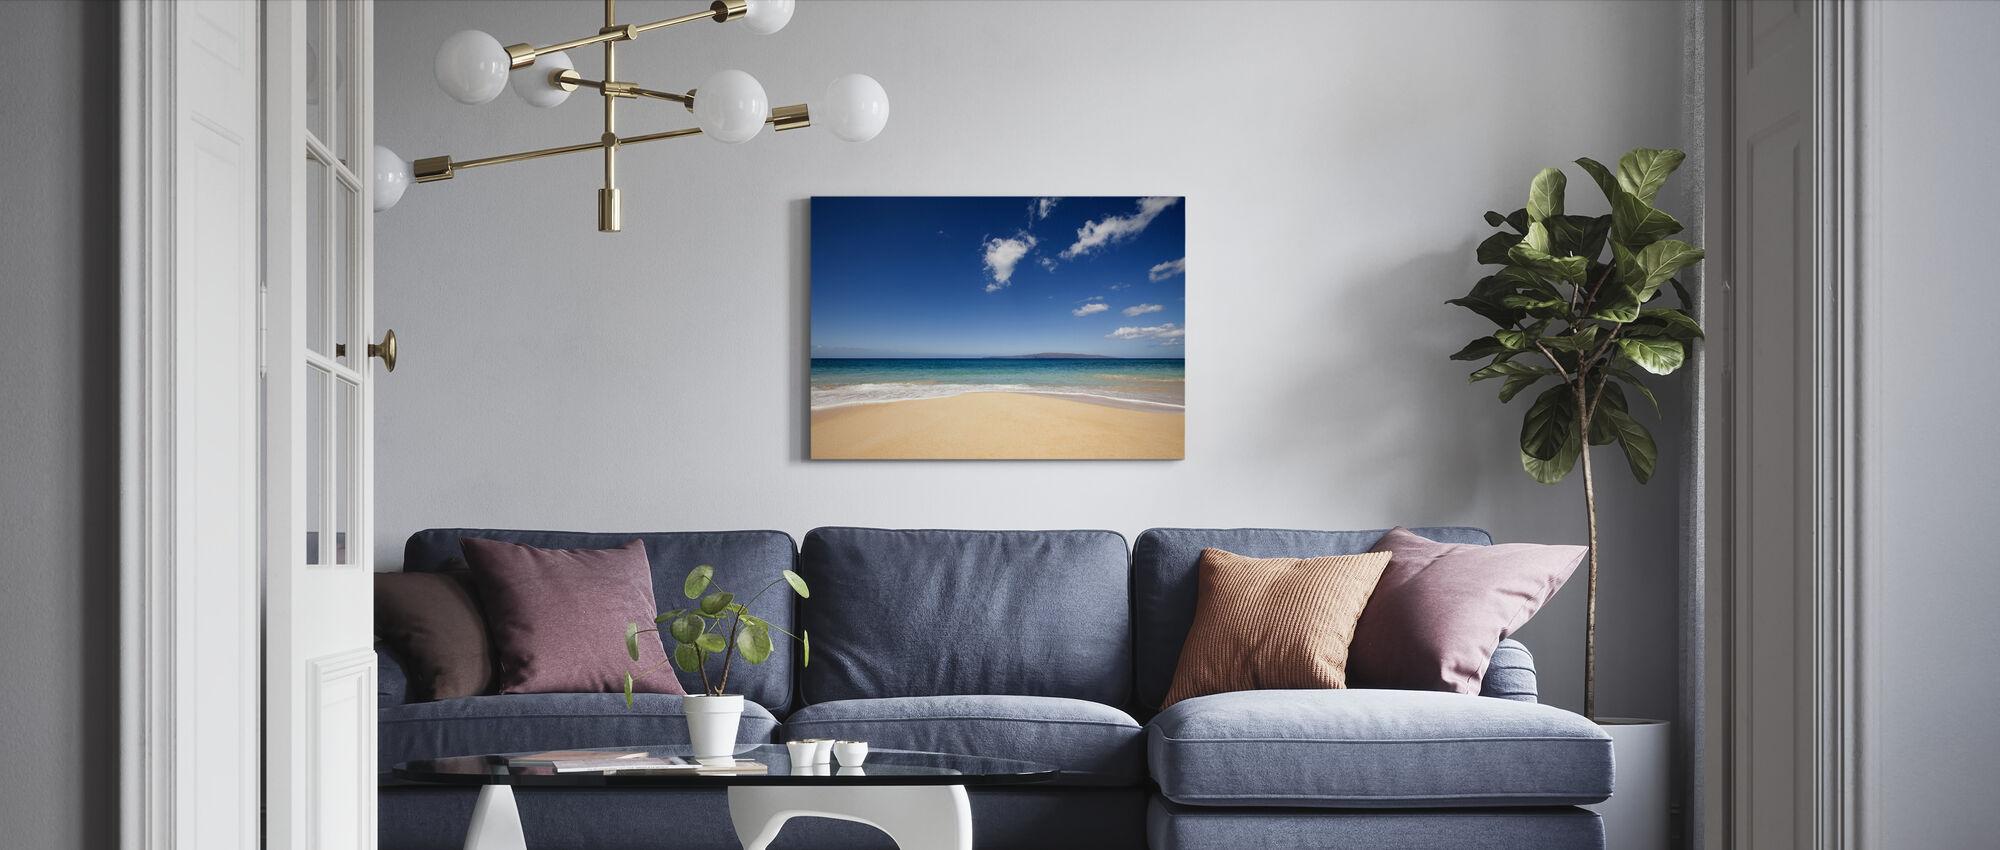 Sininen Noon rannalla - Canvastaulu - Olohuone